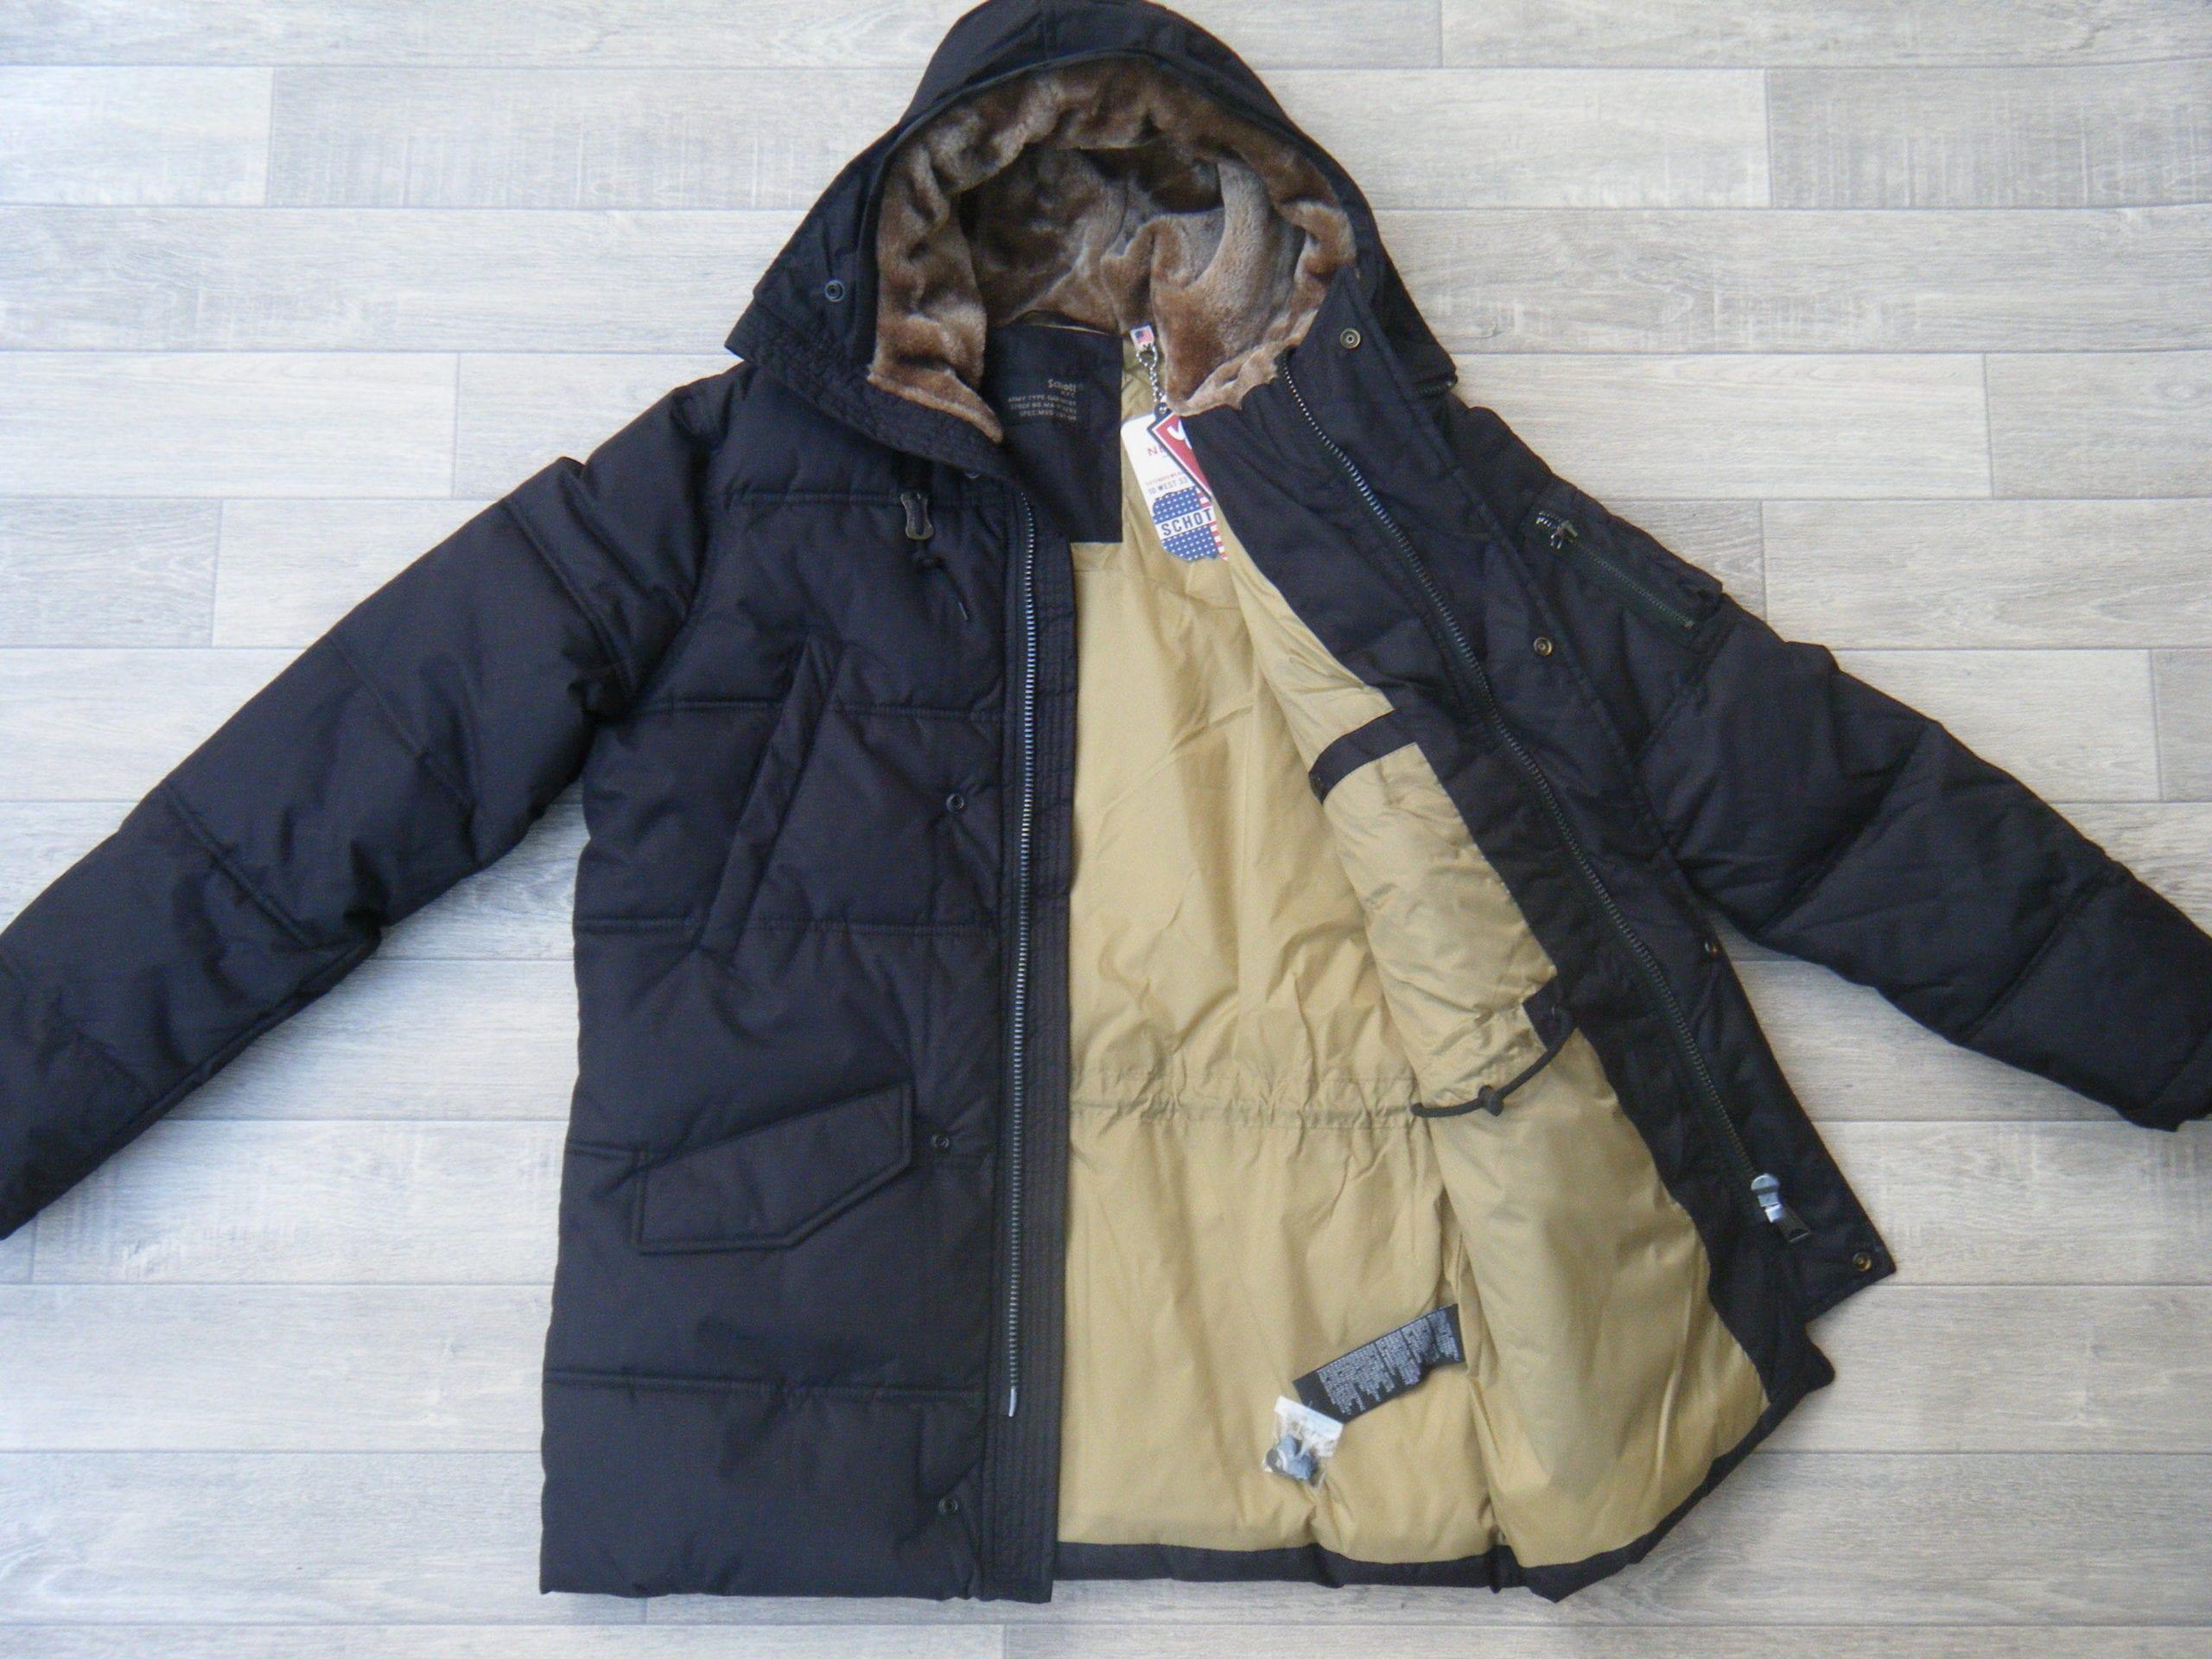 ... est temps de se pencher sur un problème assez important à l approche du  froid   Quelle veste acheter pour cet hiver   Doudoune, manteau, ou bien  parka   164a11b044ae